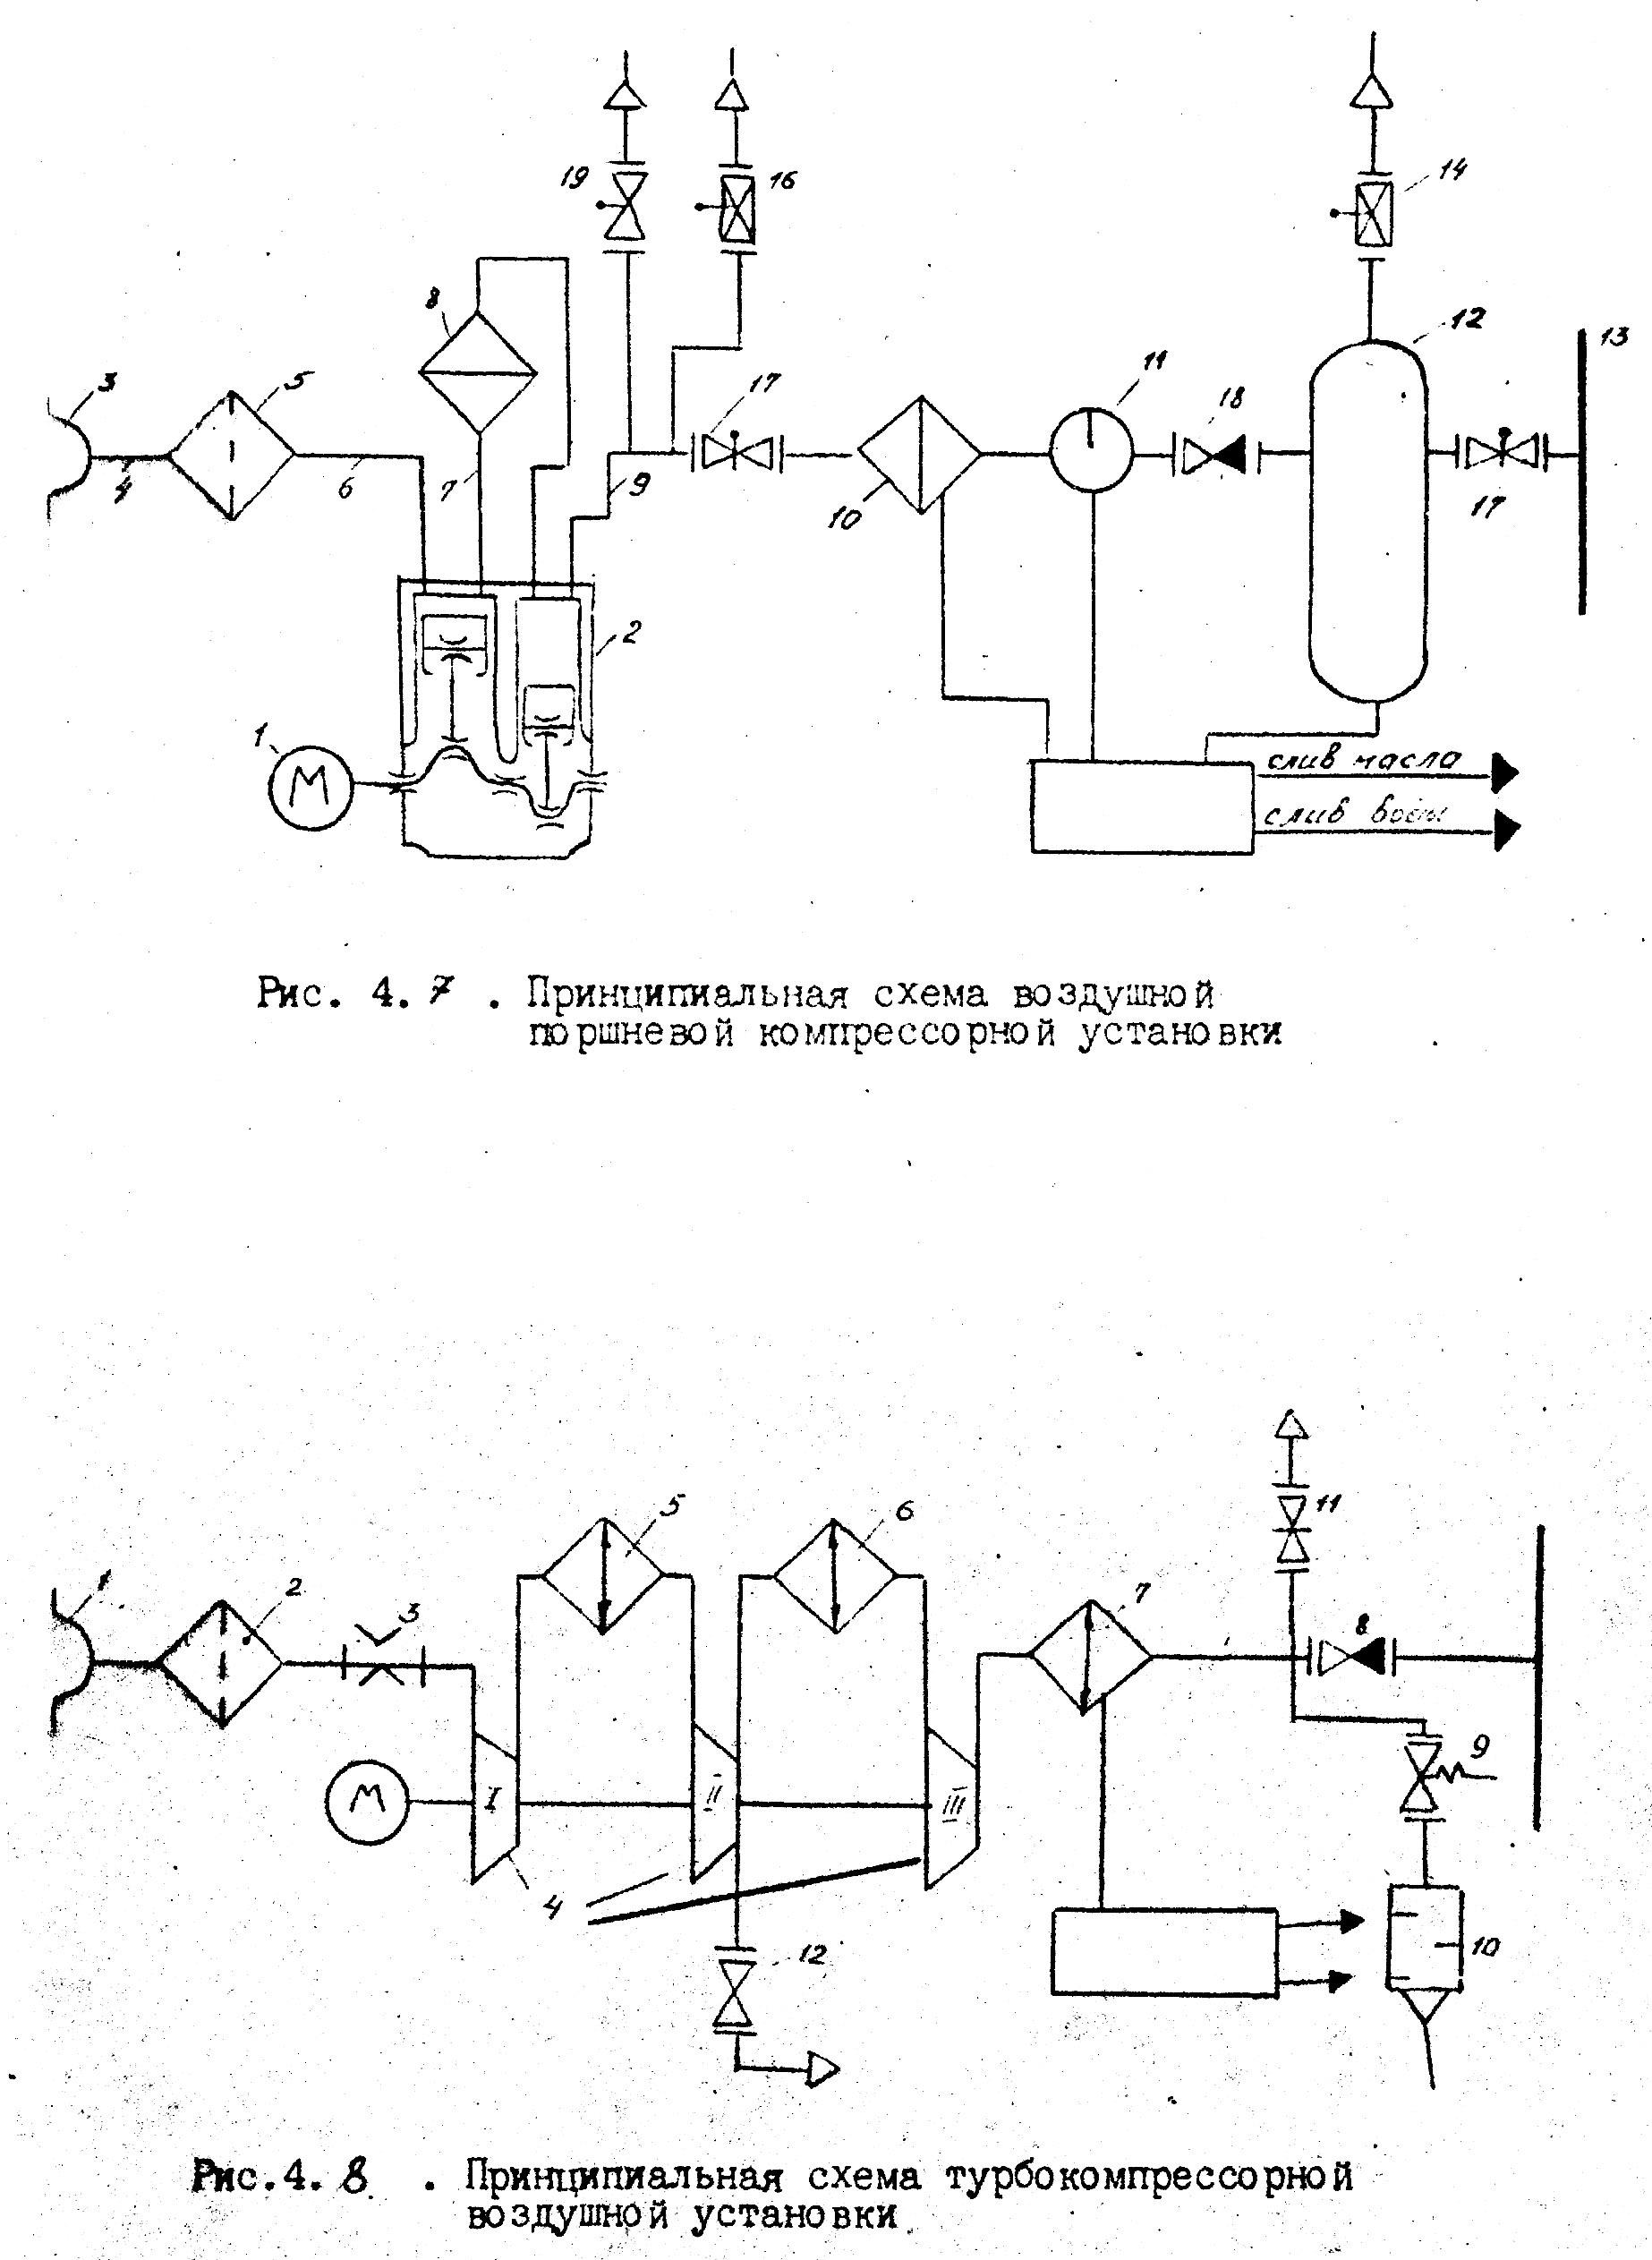 Как на схеме обозначается компрессор